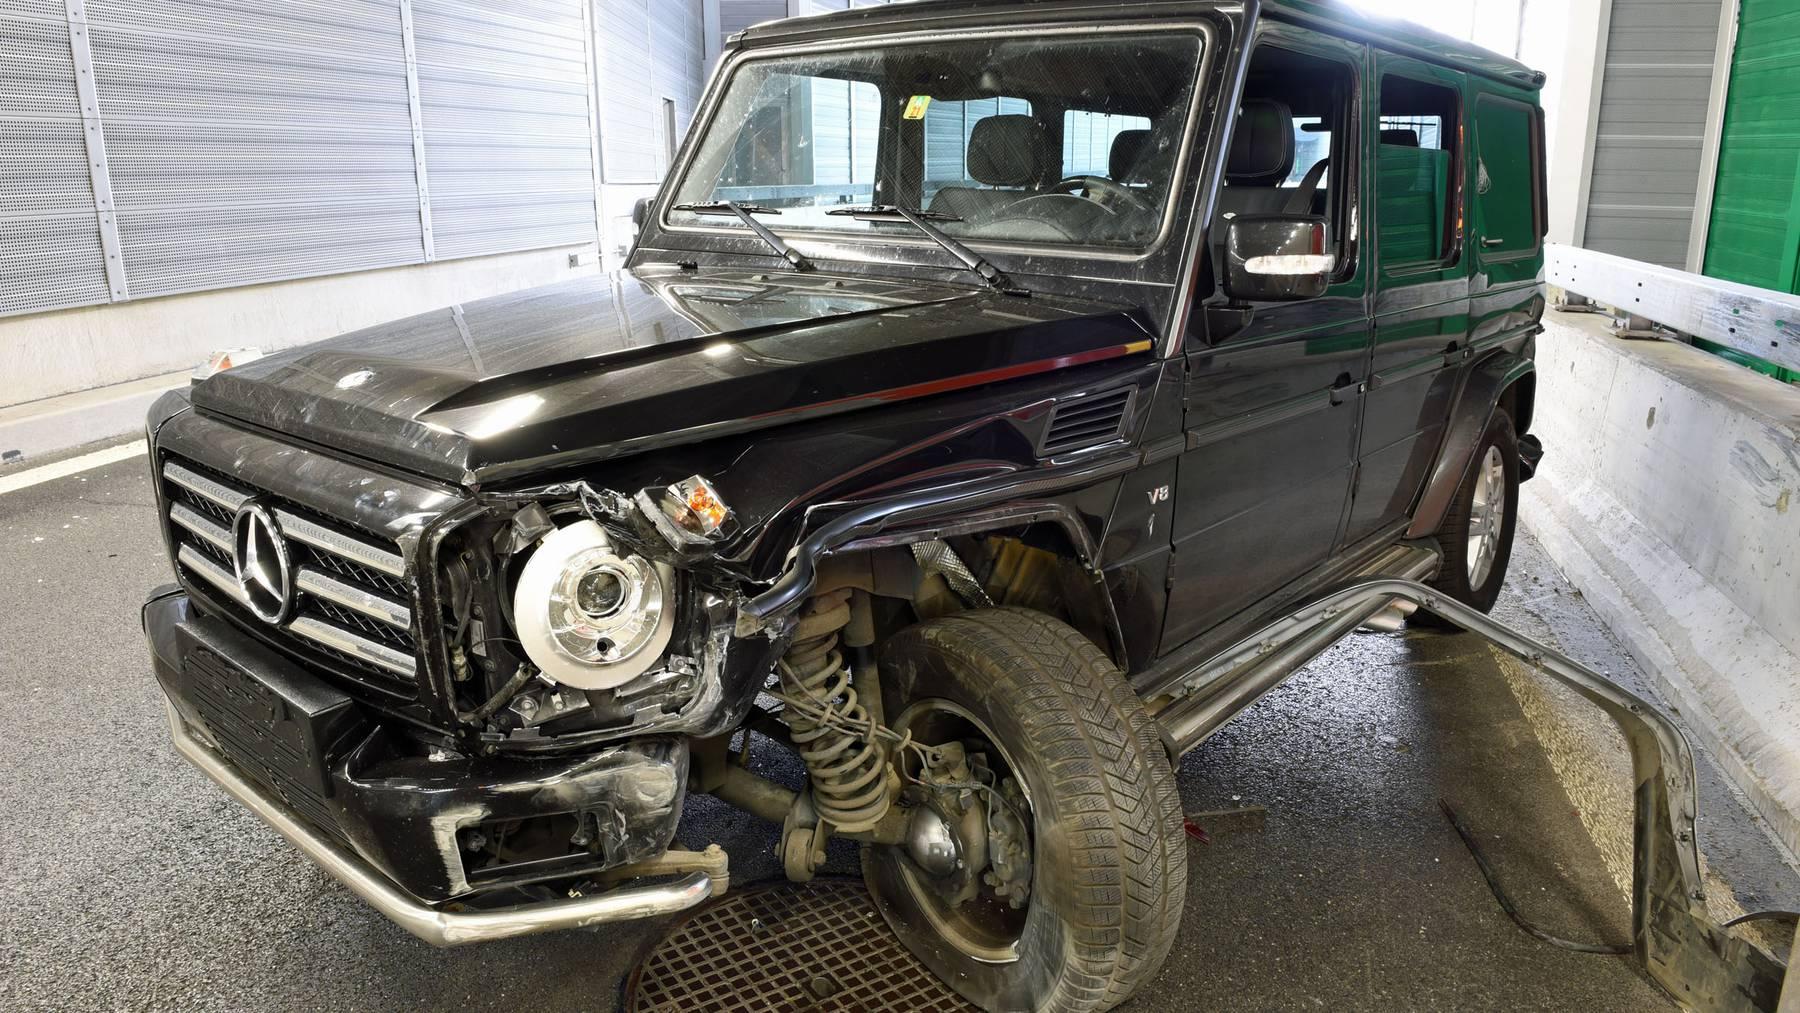 Am Luxuswagen entstand ein Schaden von rund 35'000 Franken.